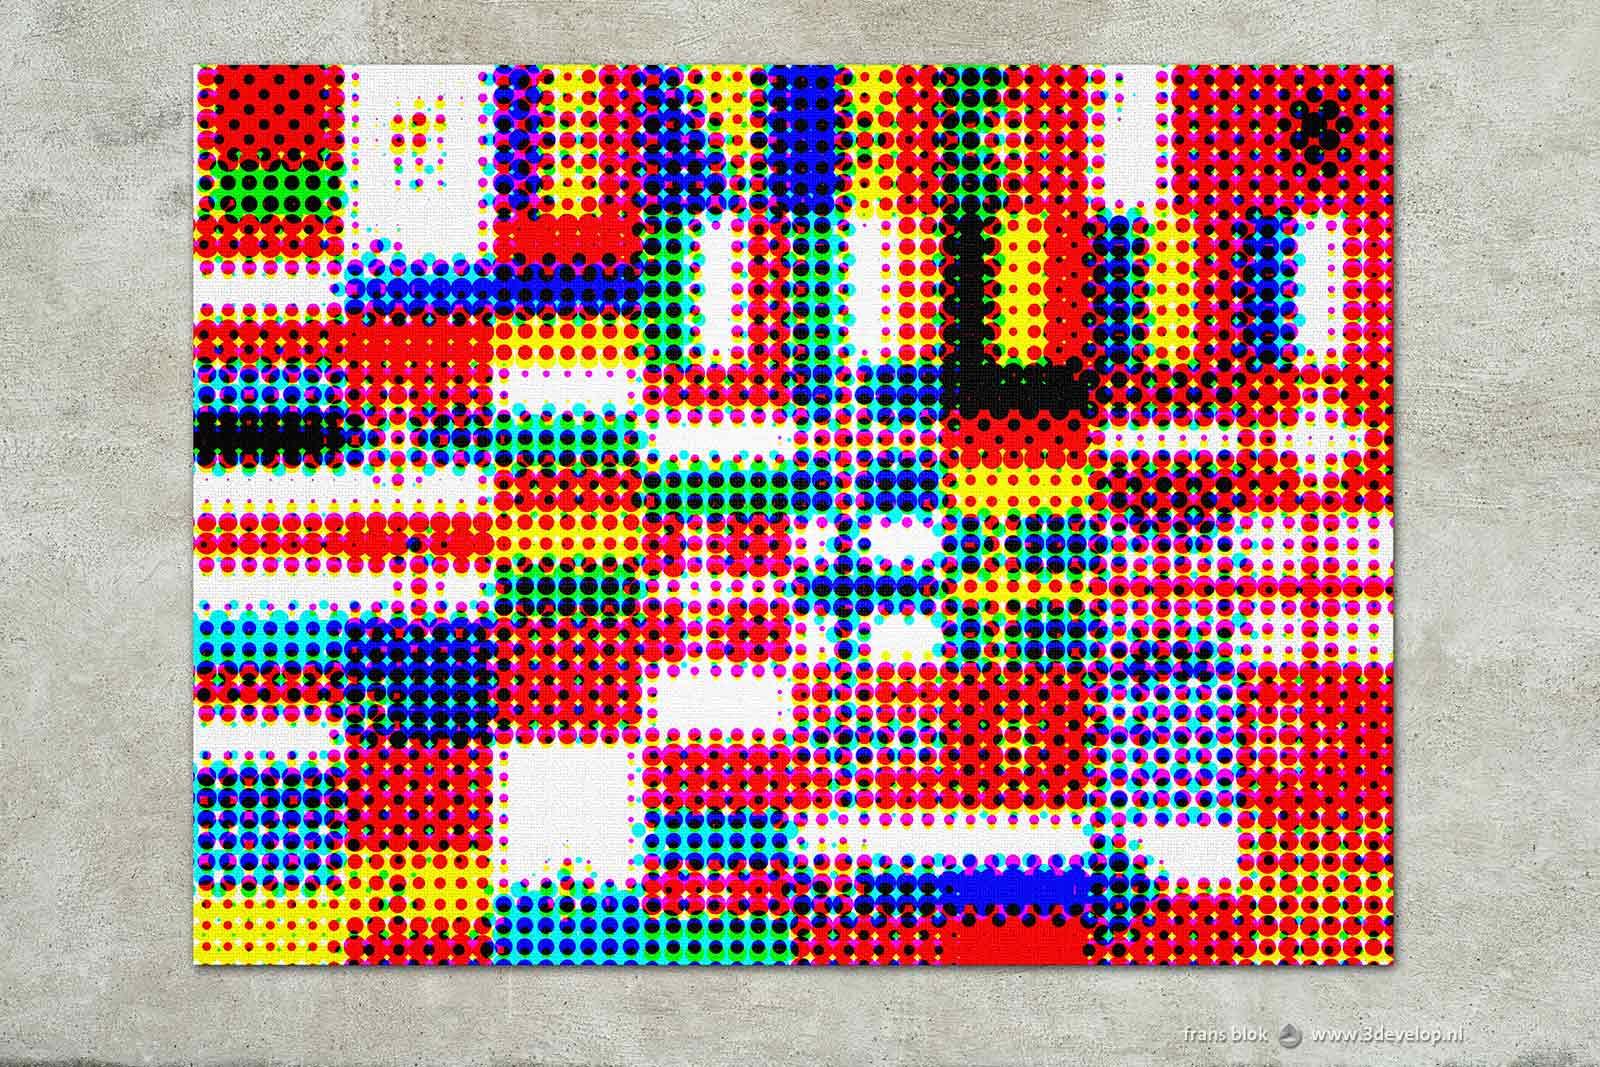 Rasterversie van een compositie van de vlaggen van 48 Europese landen, als wandversiering op een muur met stucwerk